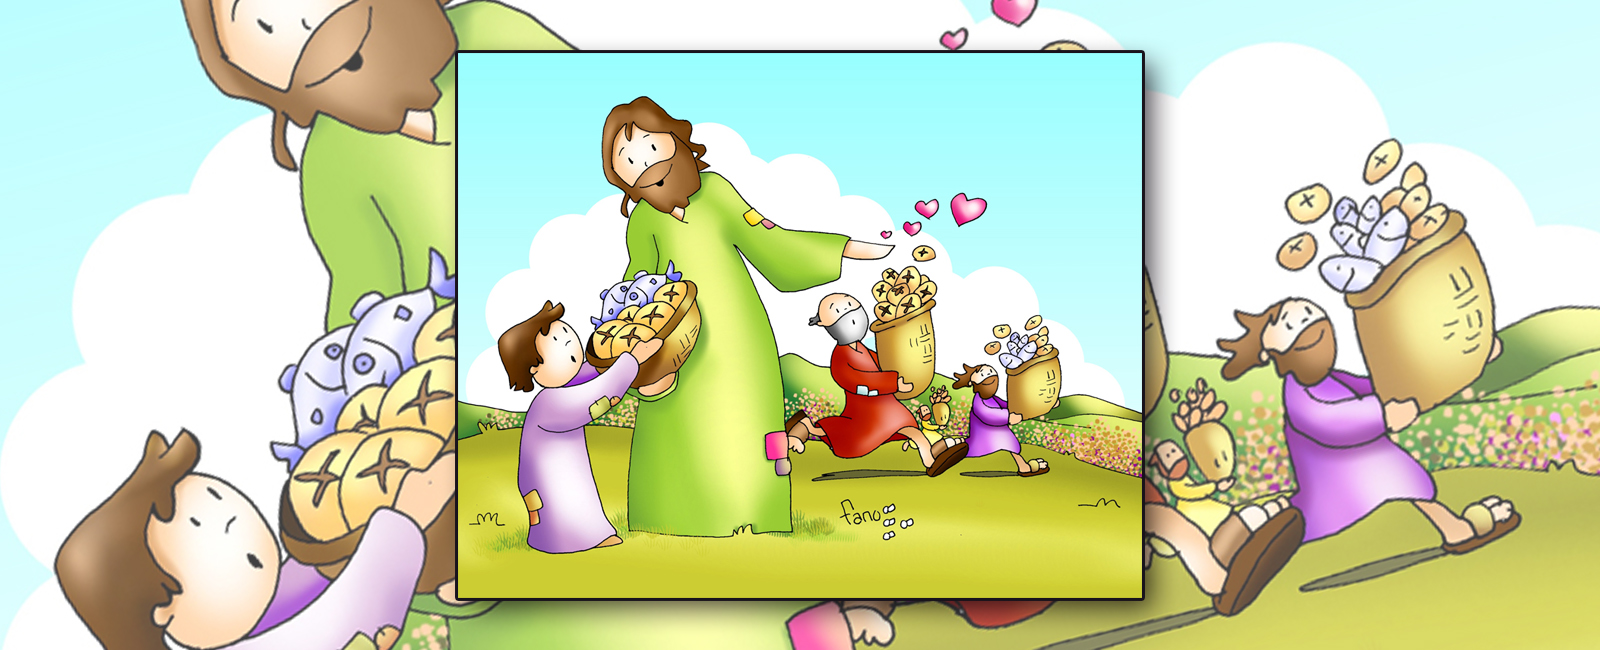 Parroquia El Altet - Evangelio 29 de Julio